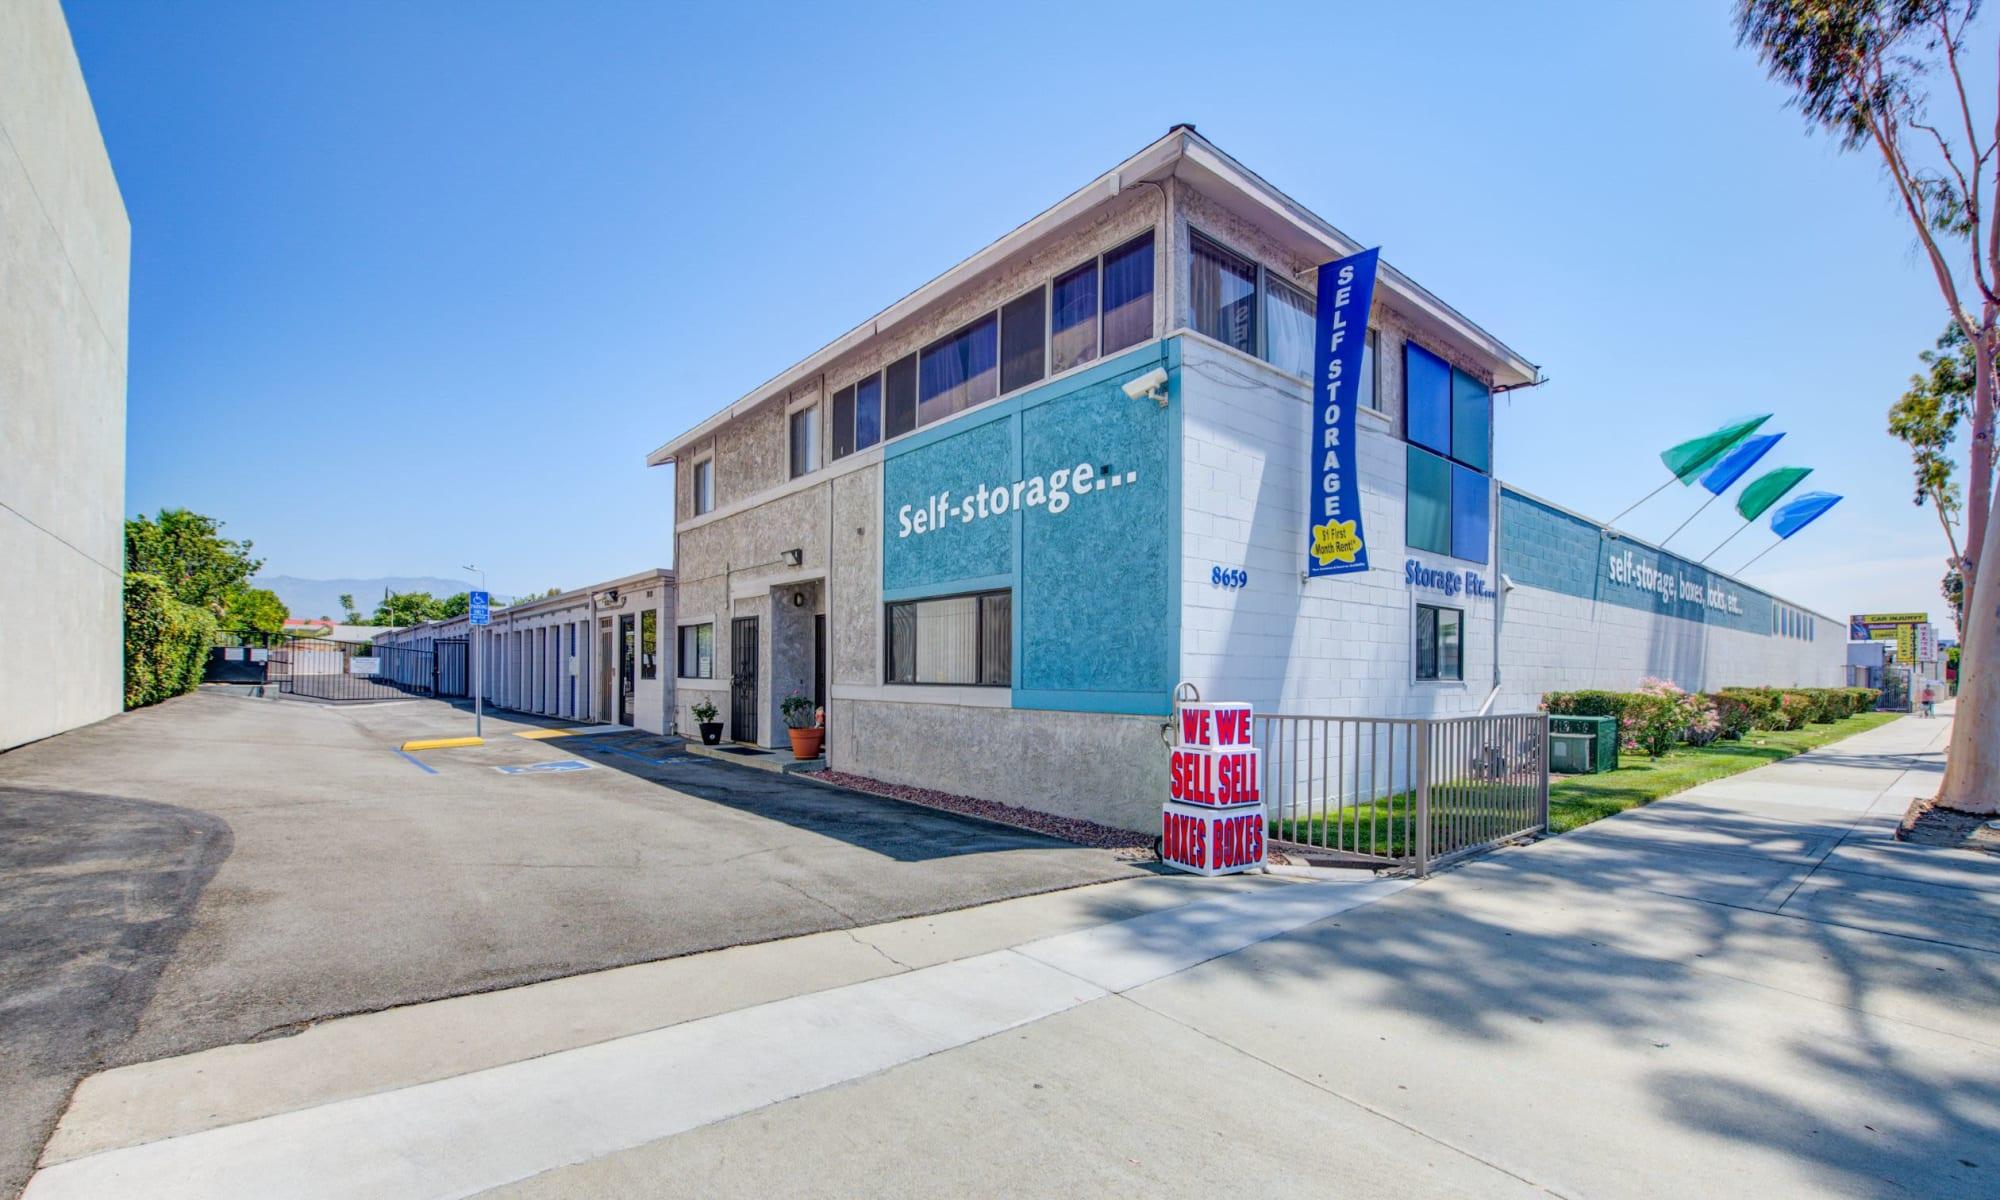 Self storage in Rosemead CA